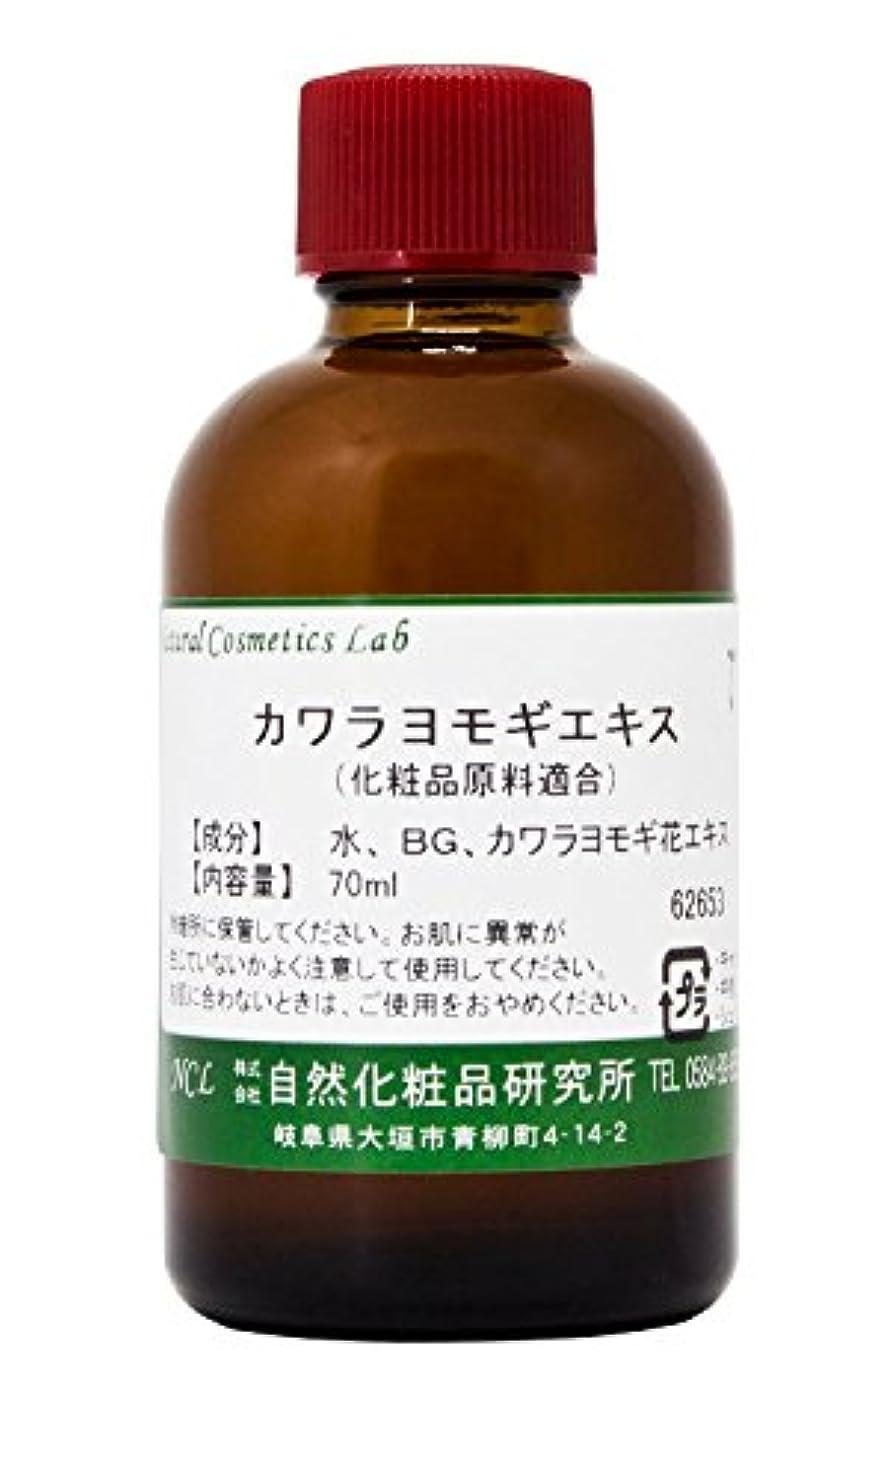 出来事メイエラ受け入れカワラヨモギエキス 化粧品原料 70ml